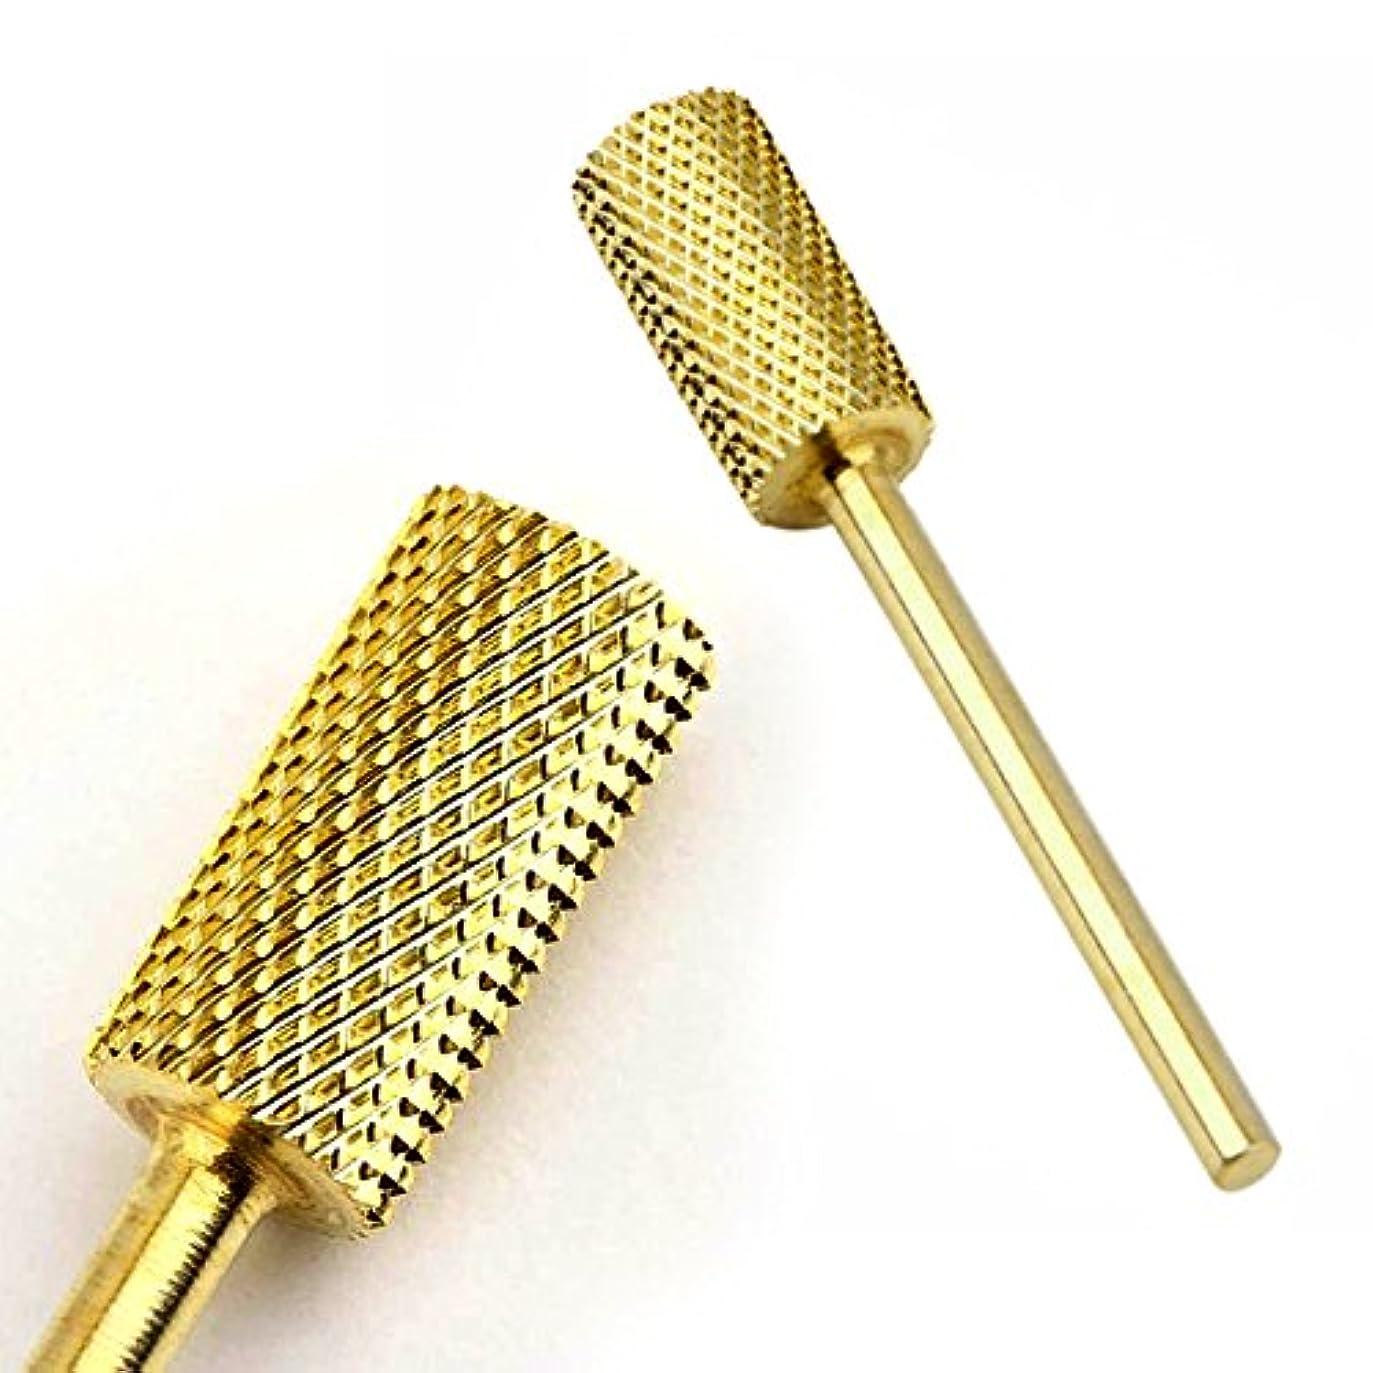 静かなプロペラ苗ネイルマシーン用ビット ゴールドカラービット アクリルや厚いハードジェルのオフ除去に最適 ゴールドカラーの付け替えアタッチメント ネイルマシン用 ジェルネイルオフ